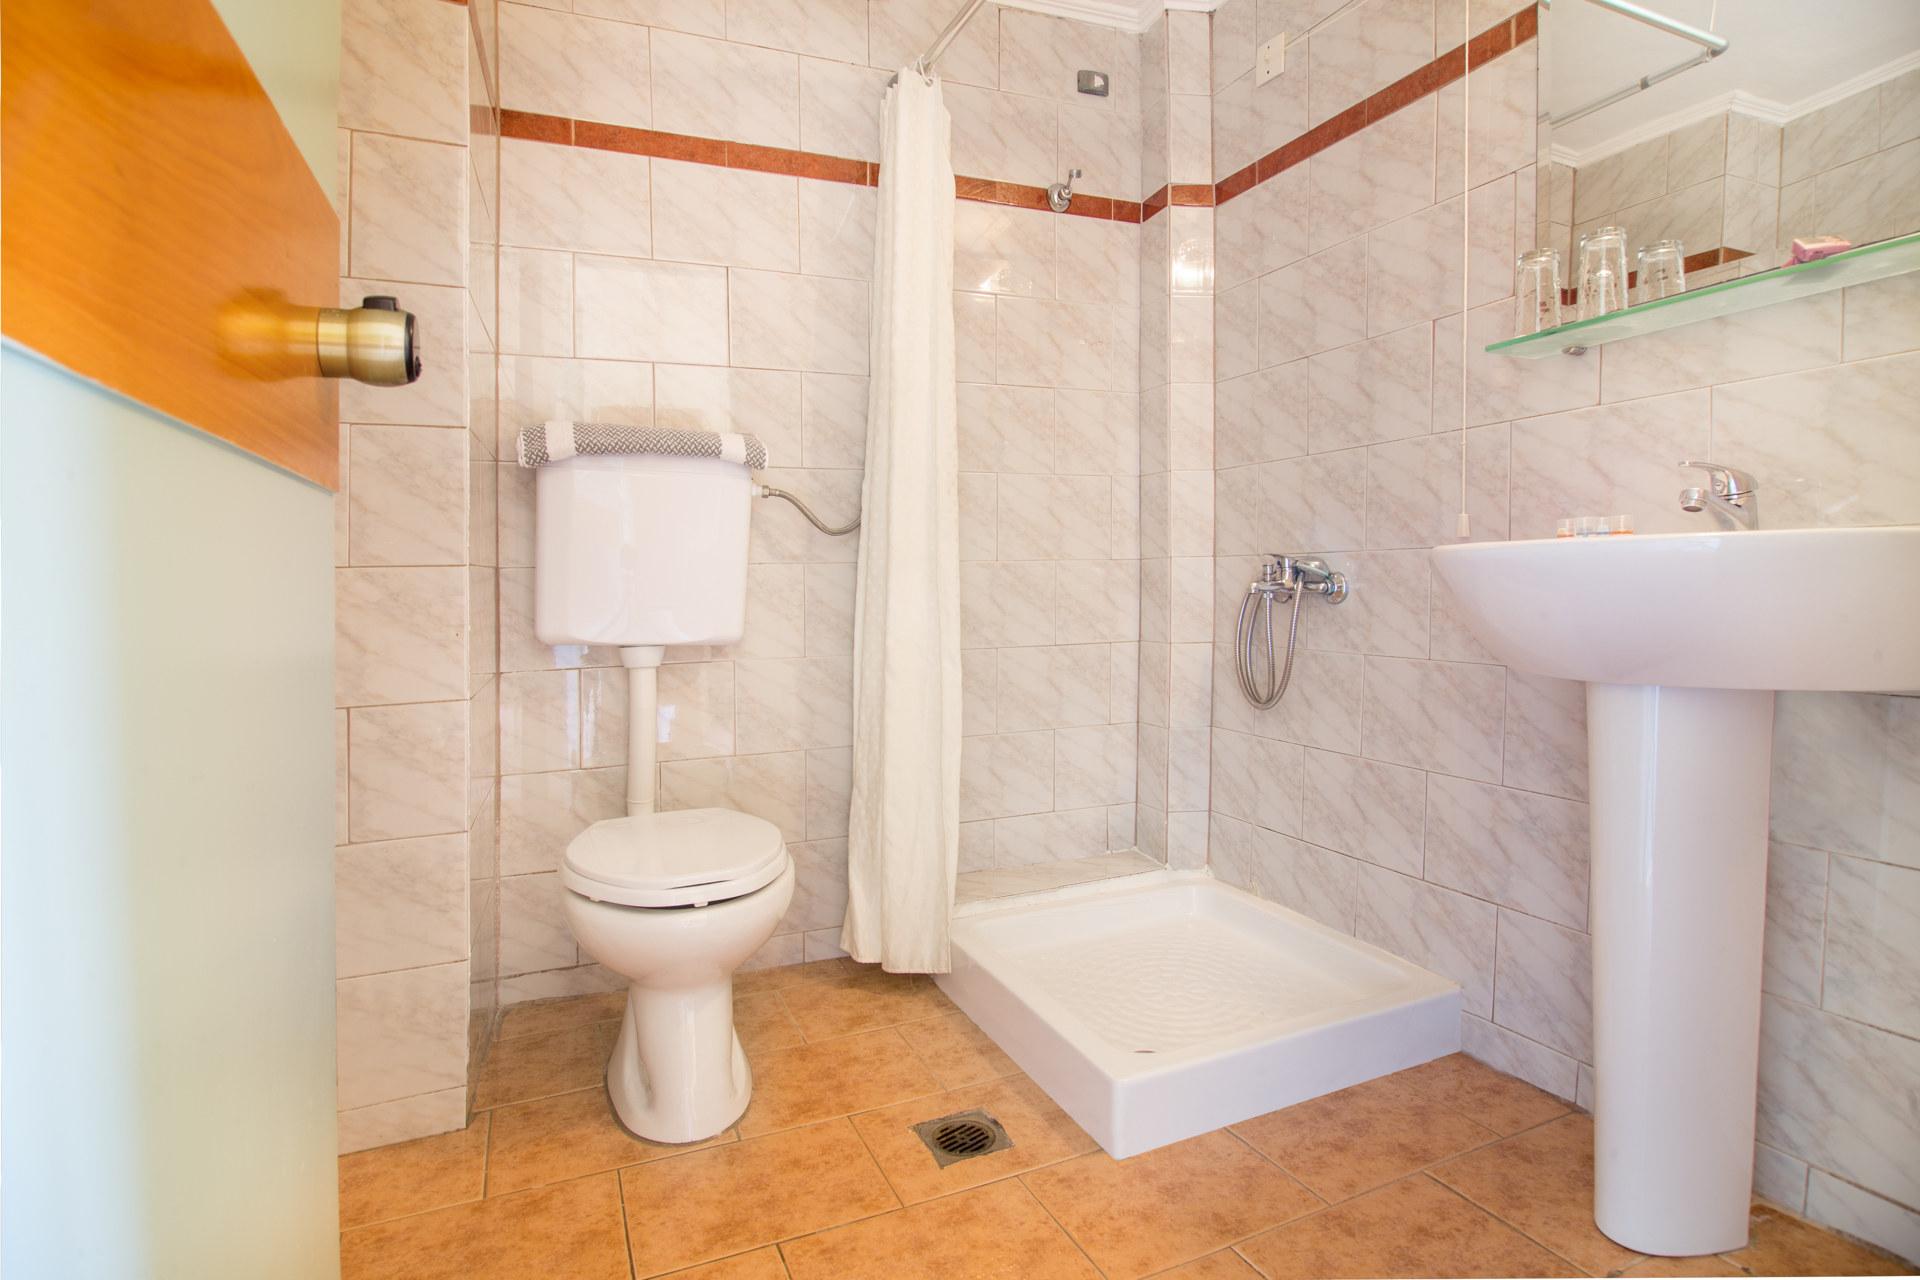 El Greco Hotel - Single rooms